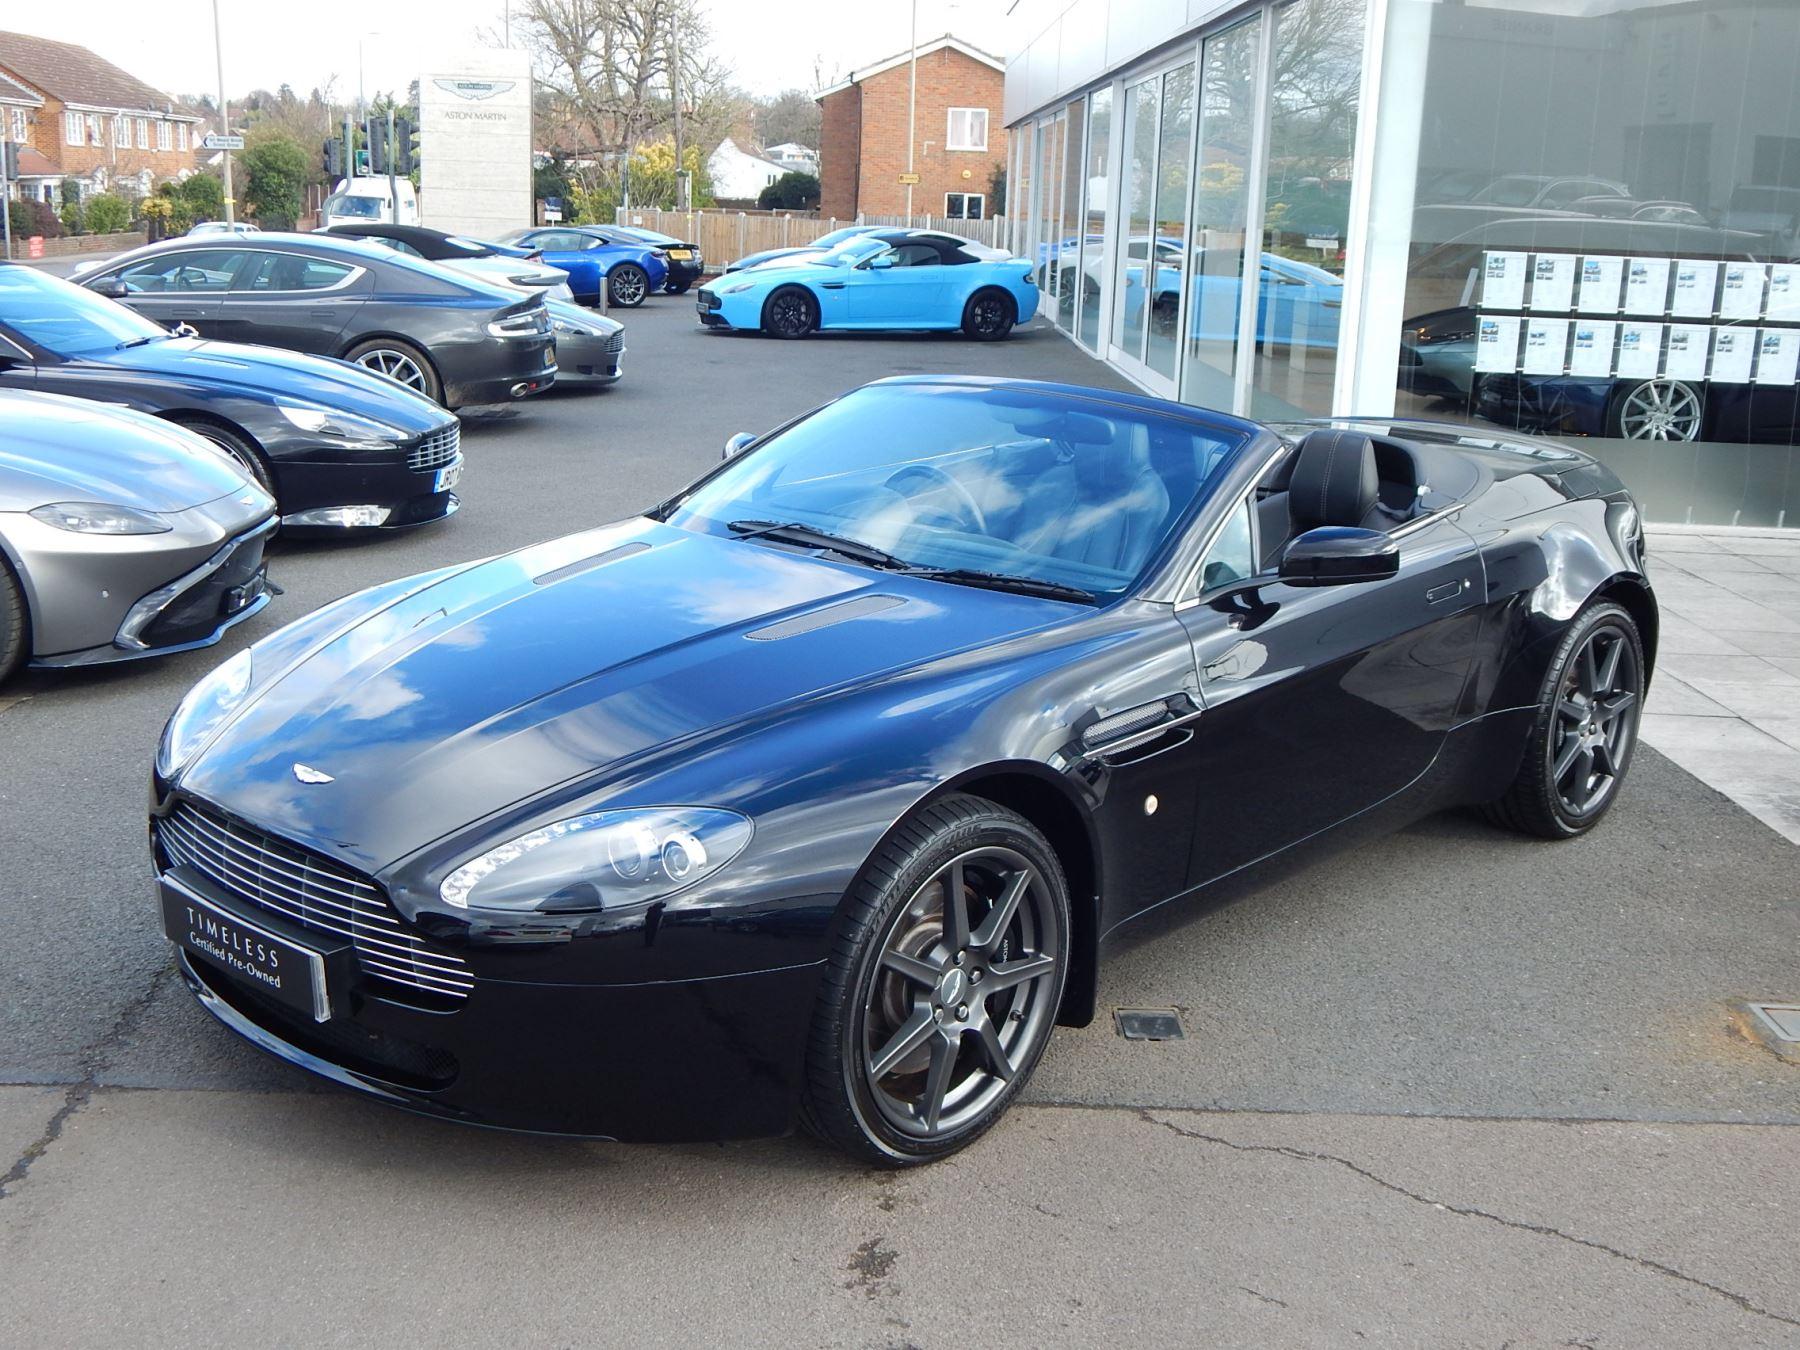 Aston Martin V8 Vantage Roadster 4.3 V8 Roadster image 4